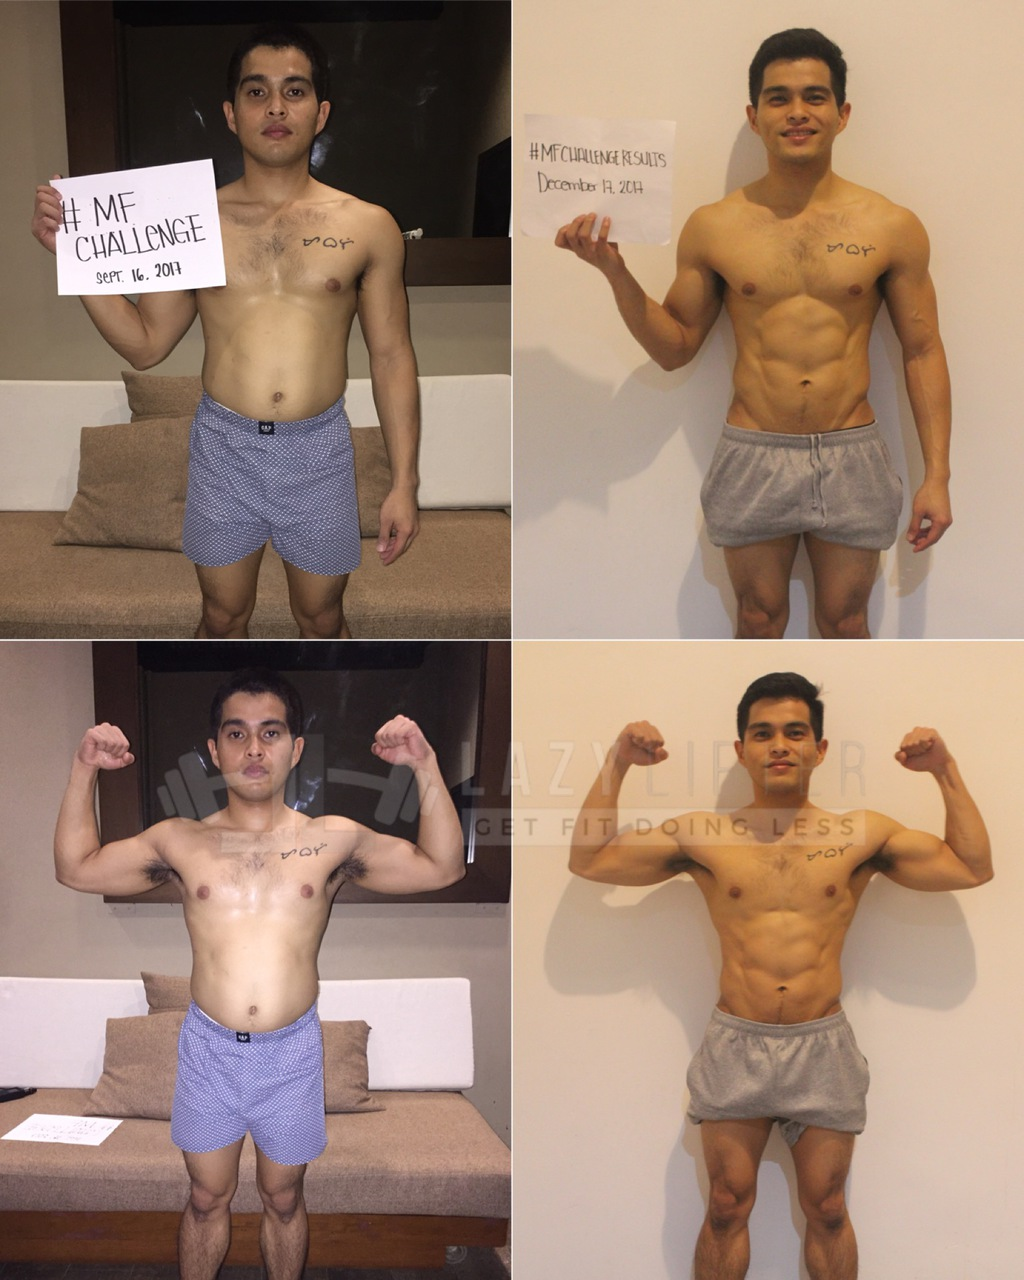 Vincent MF Challenge results